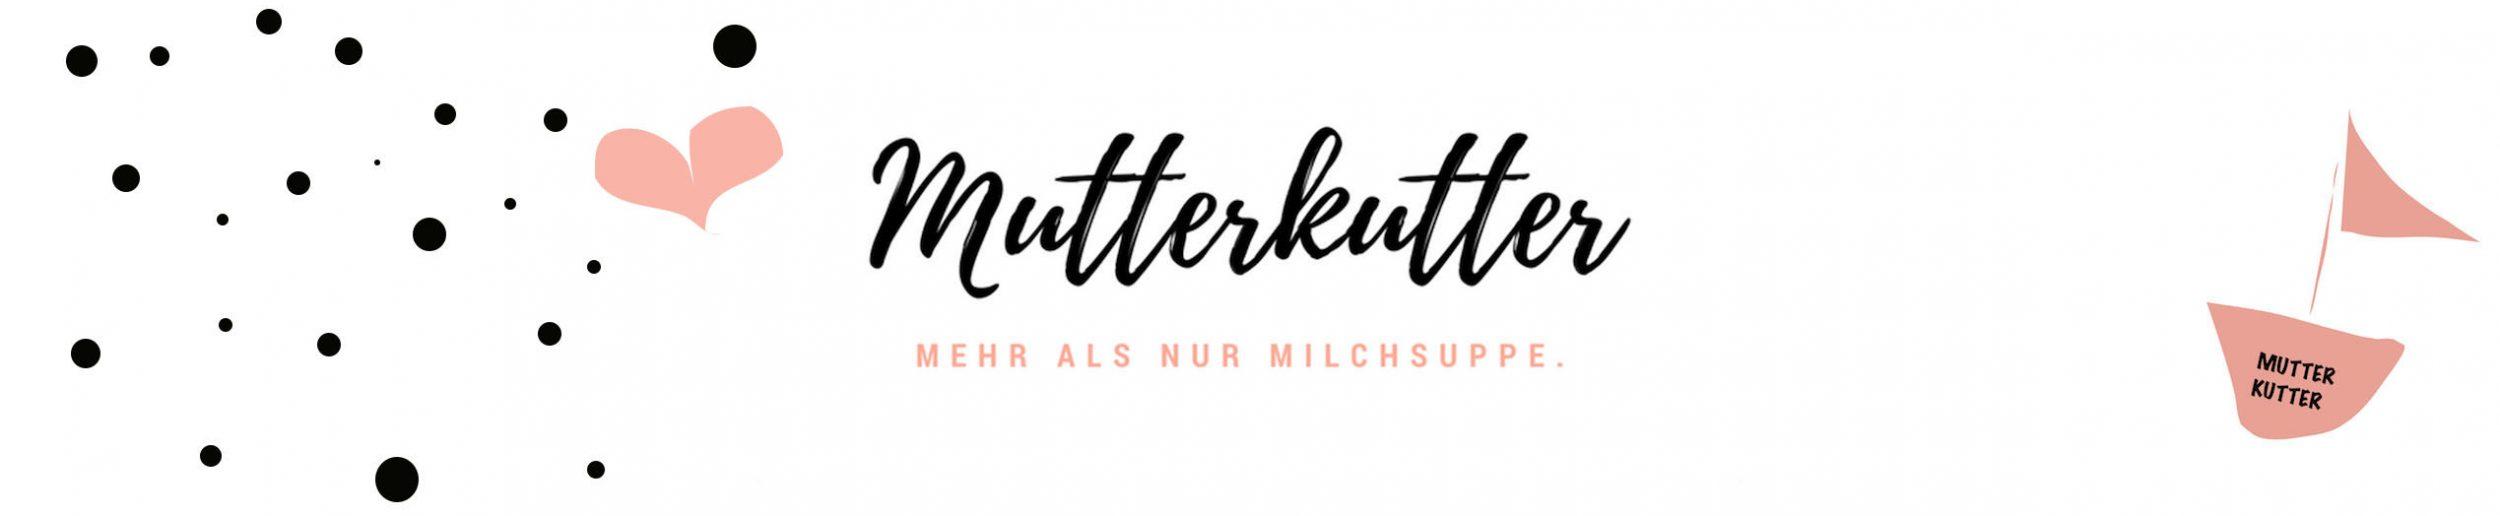 MutterKutter